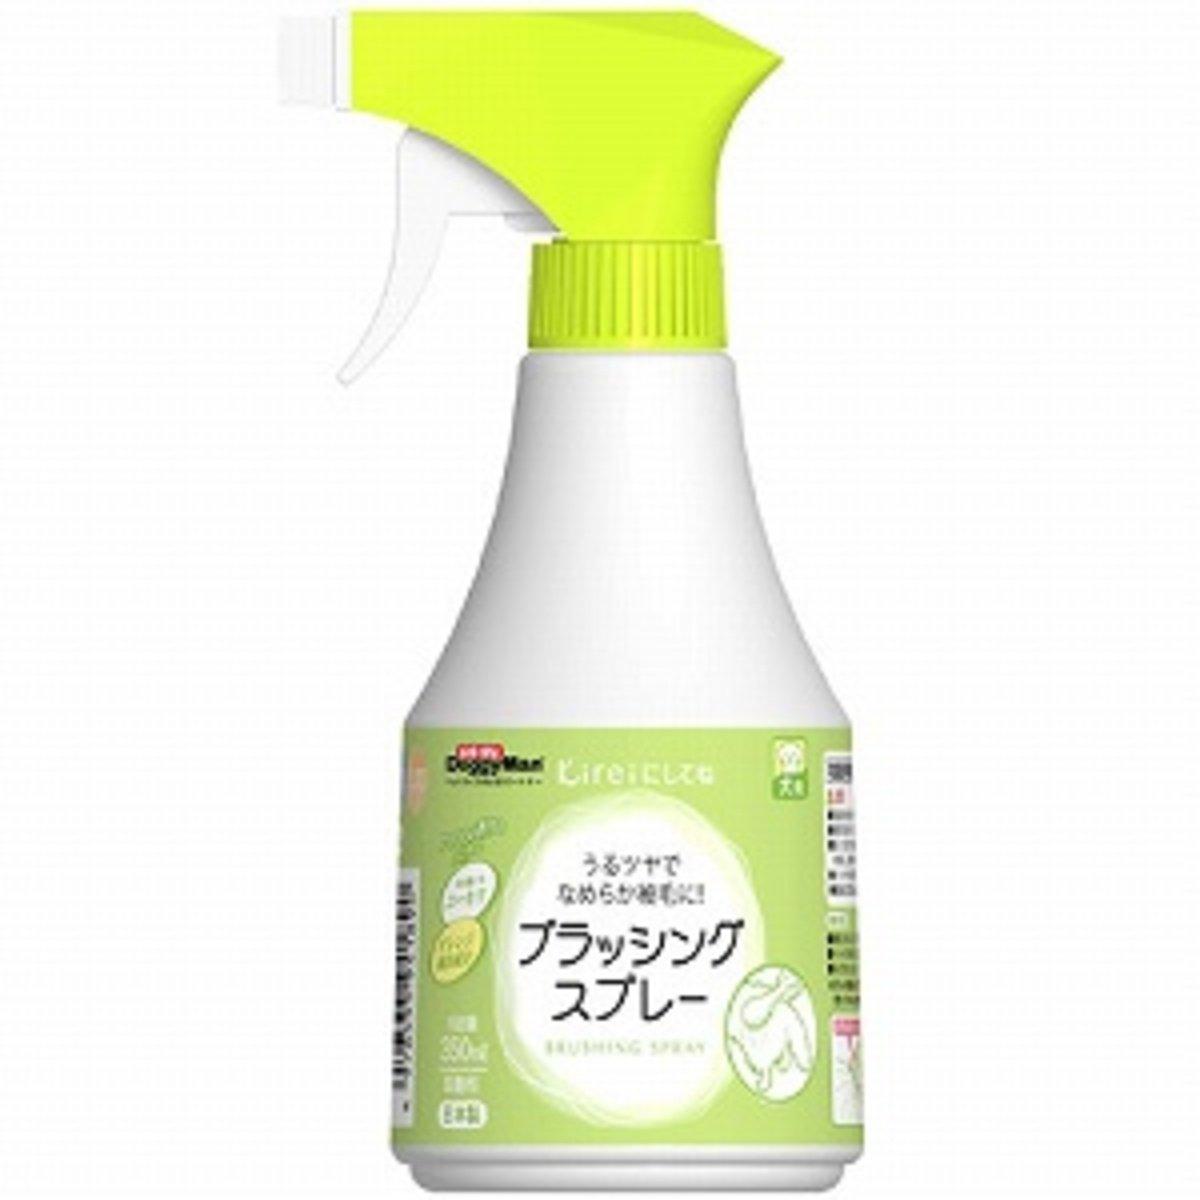 日本 DoggyMan 香橙樹香味順毛噴霧